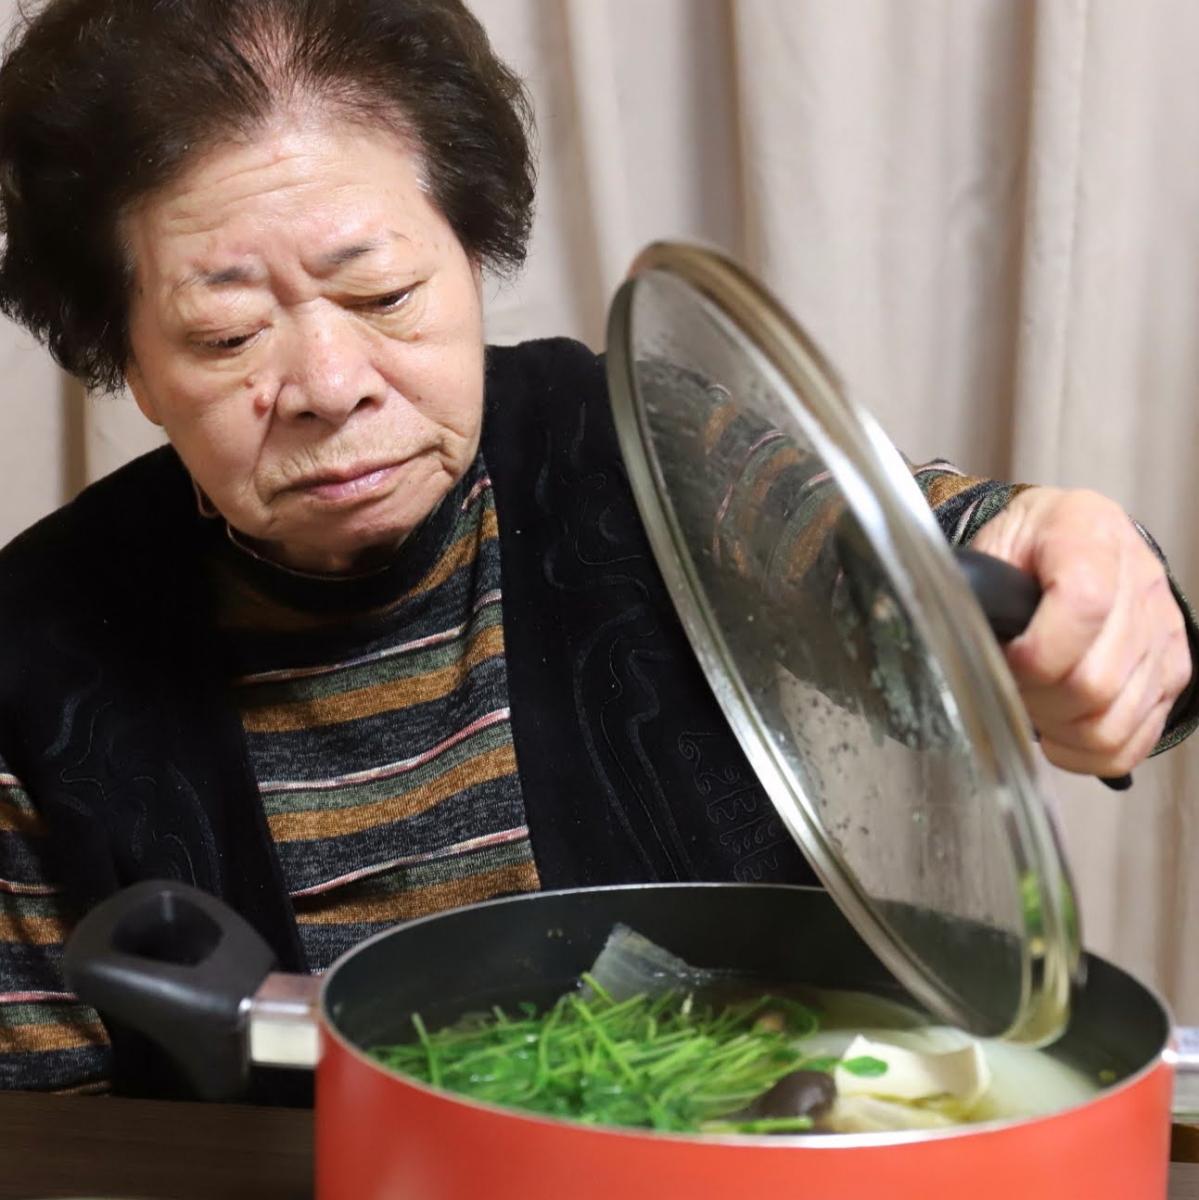 水炊きの鍋のフタを開けている祖母(おばあ)